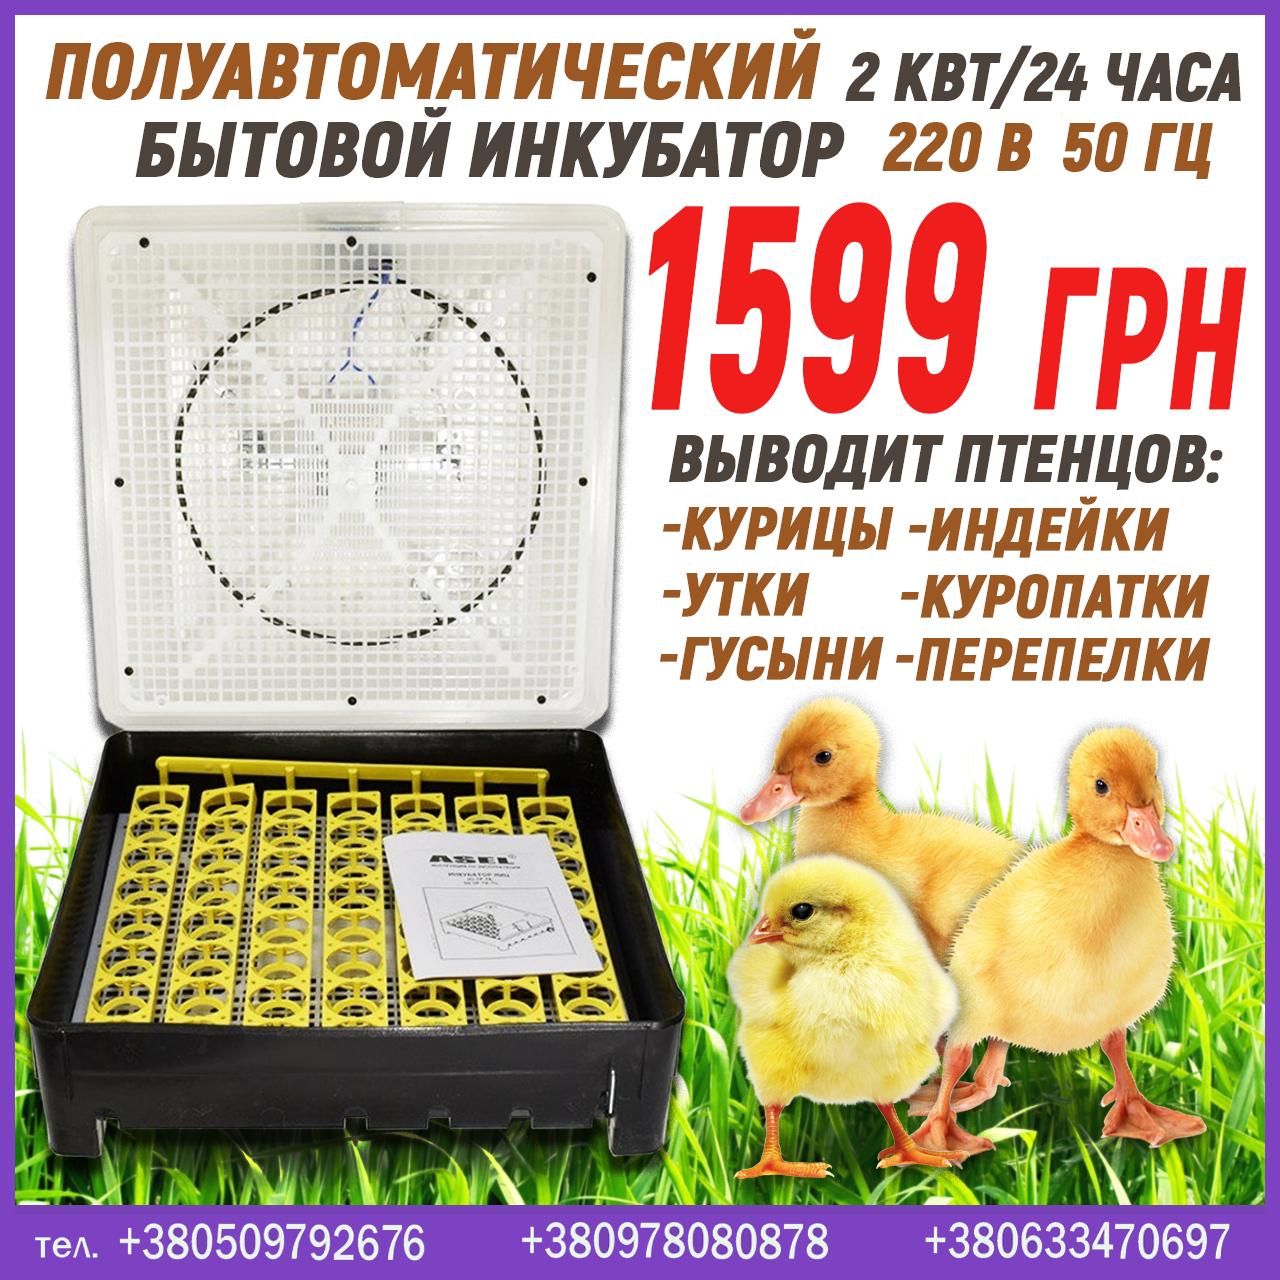 Полуавтоматический инкубатор на 56 яиц